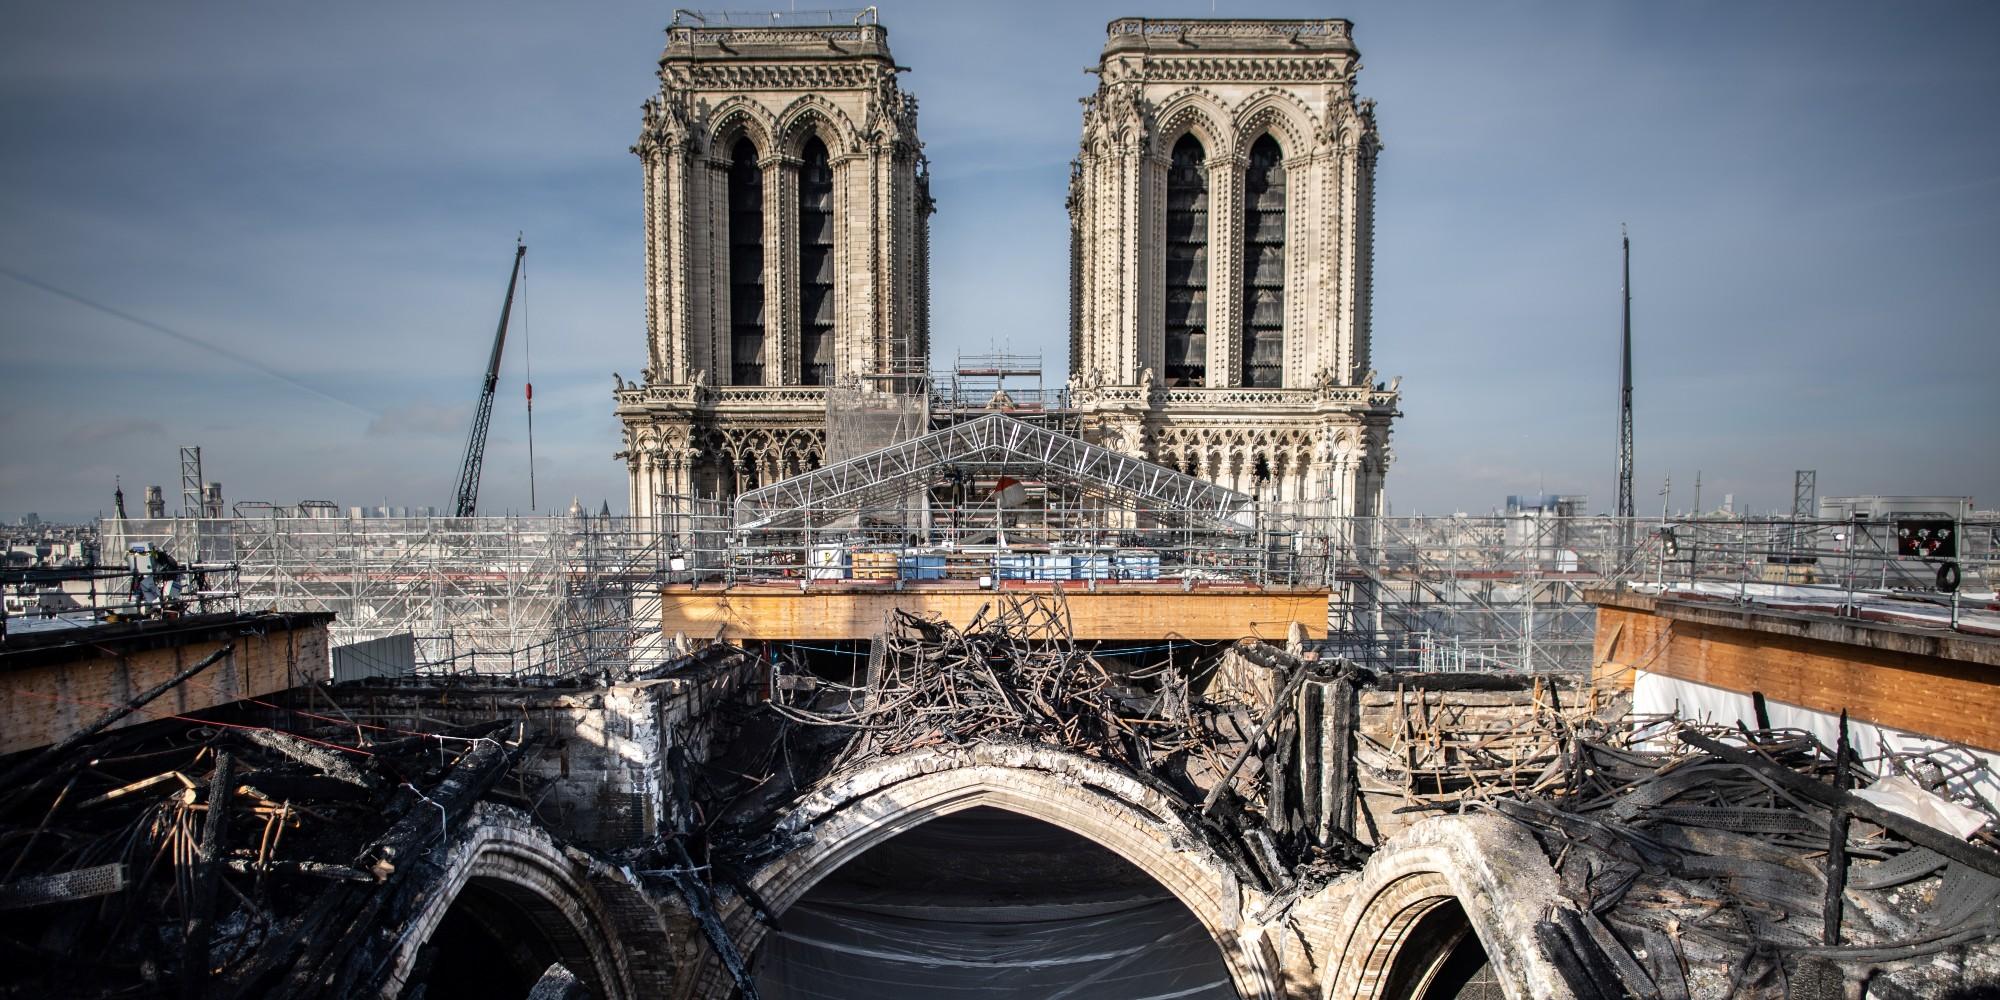 Notre-Dame : le démontage de l'échafaudage terminé, le chantier reprend dans la sérénité